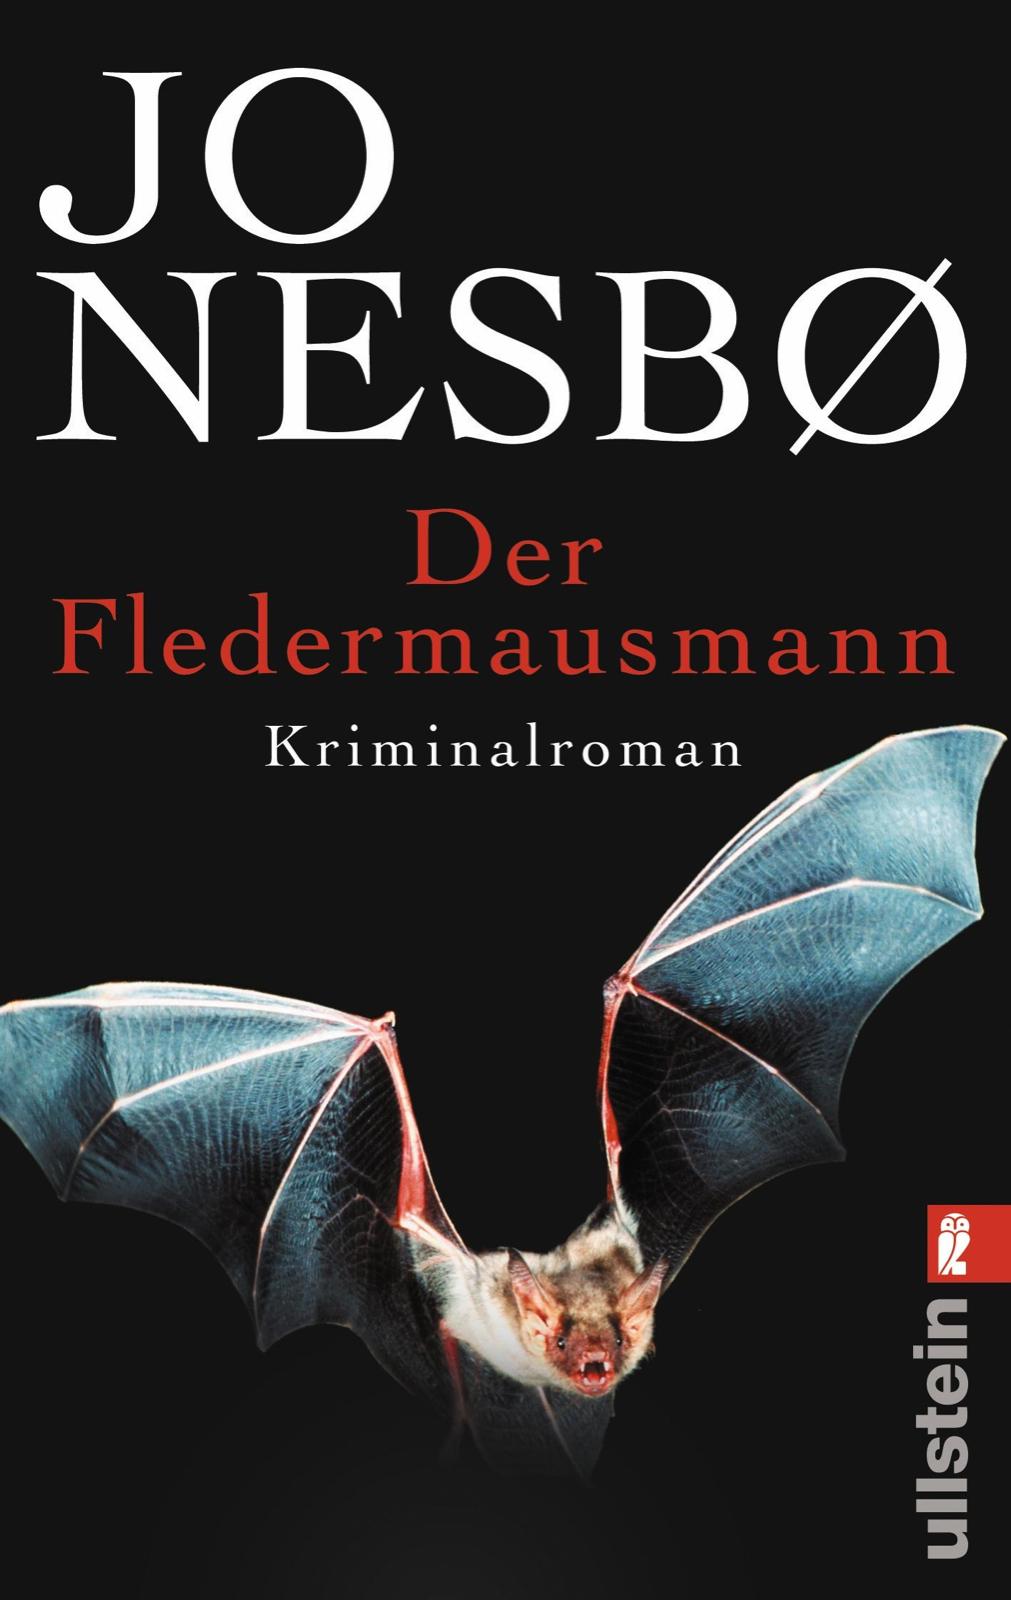 Der Fledermausmann - Jo Nesbø [Taschenbuch]